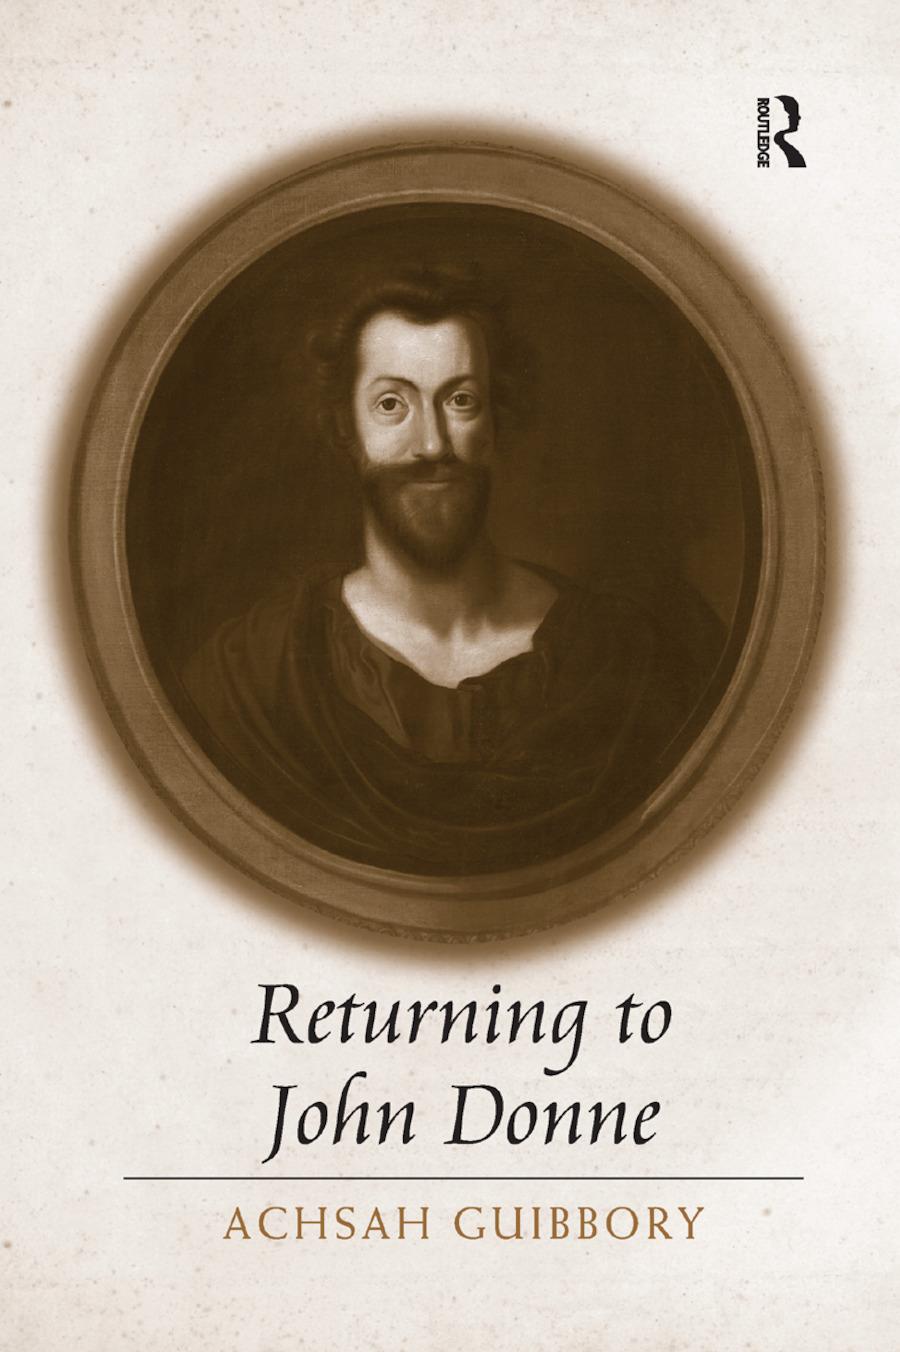 Returning to John Donne